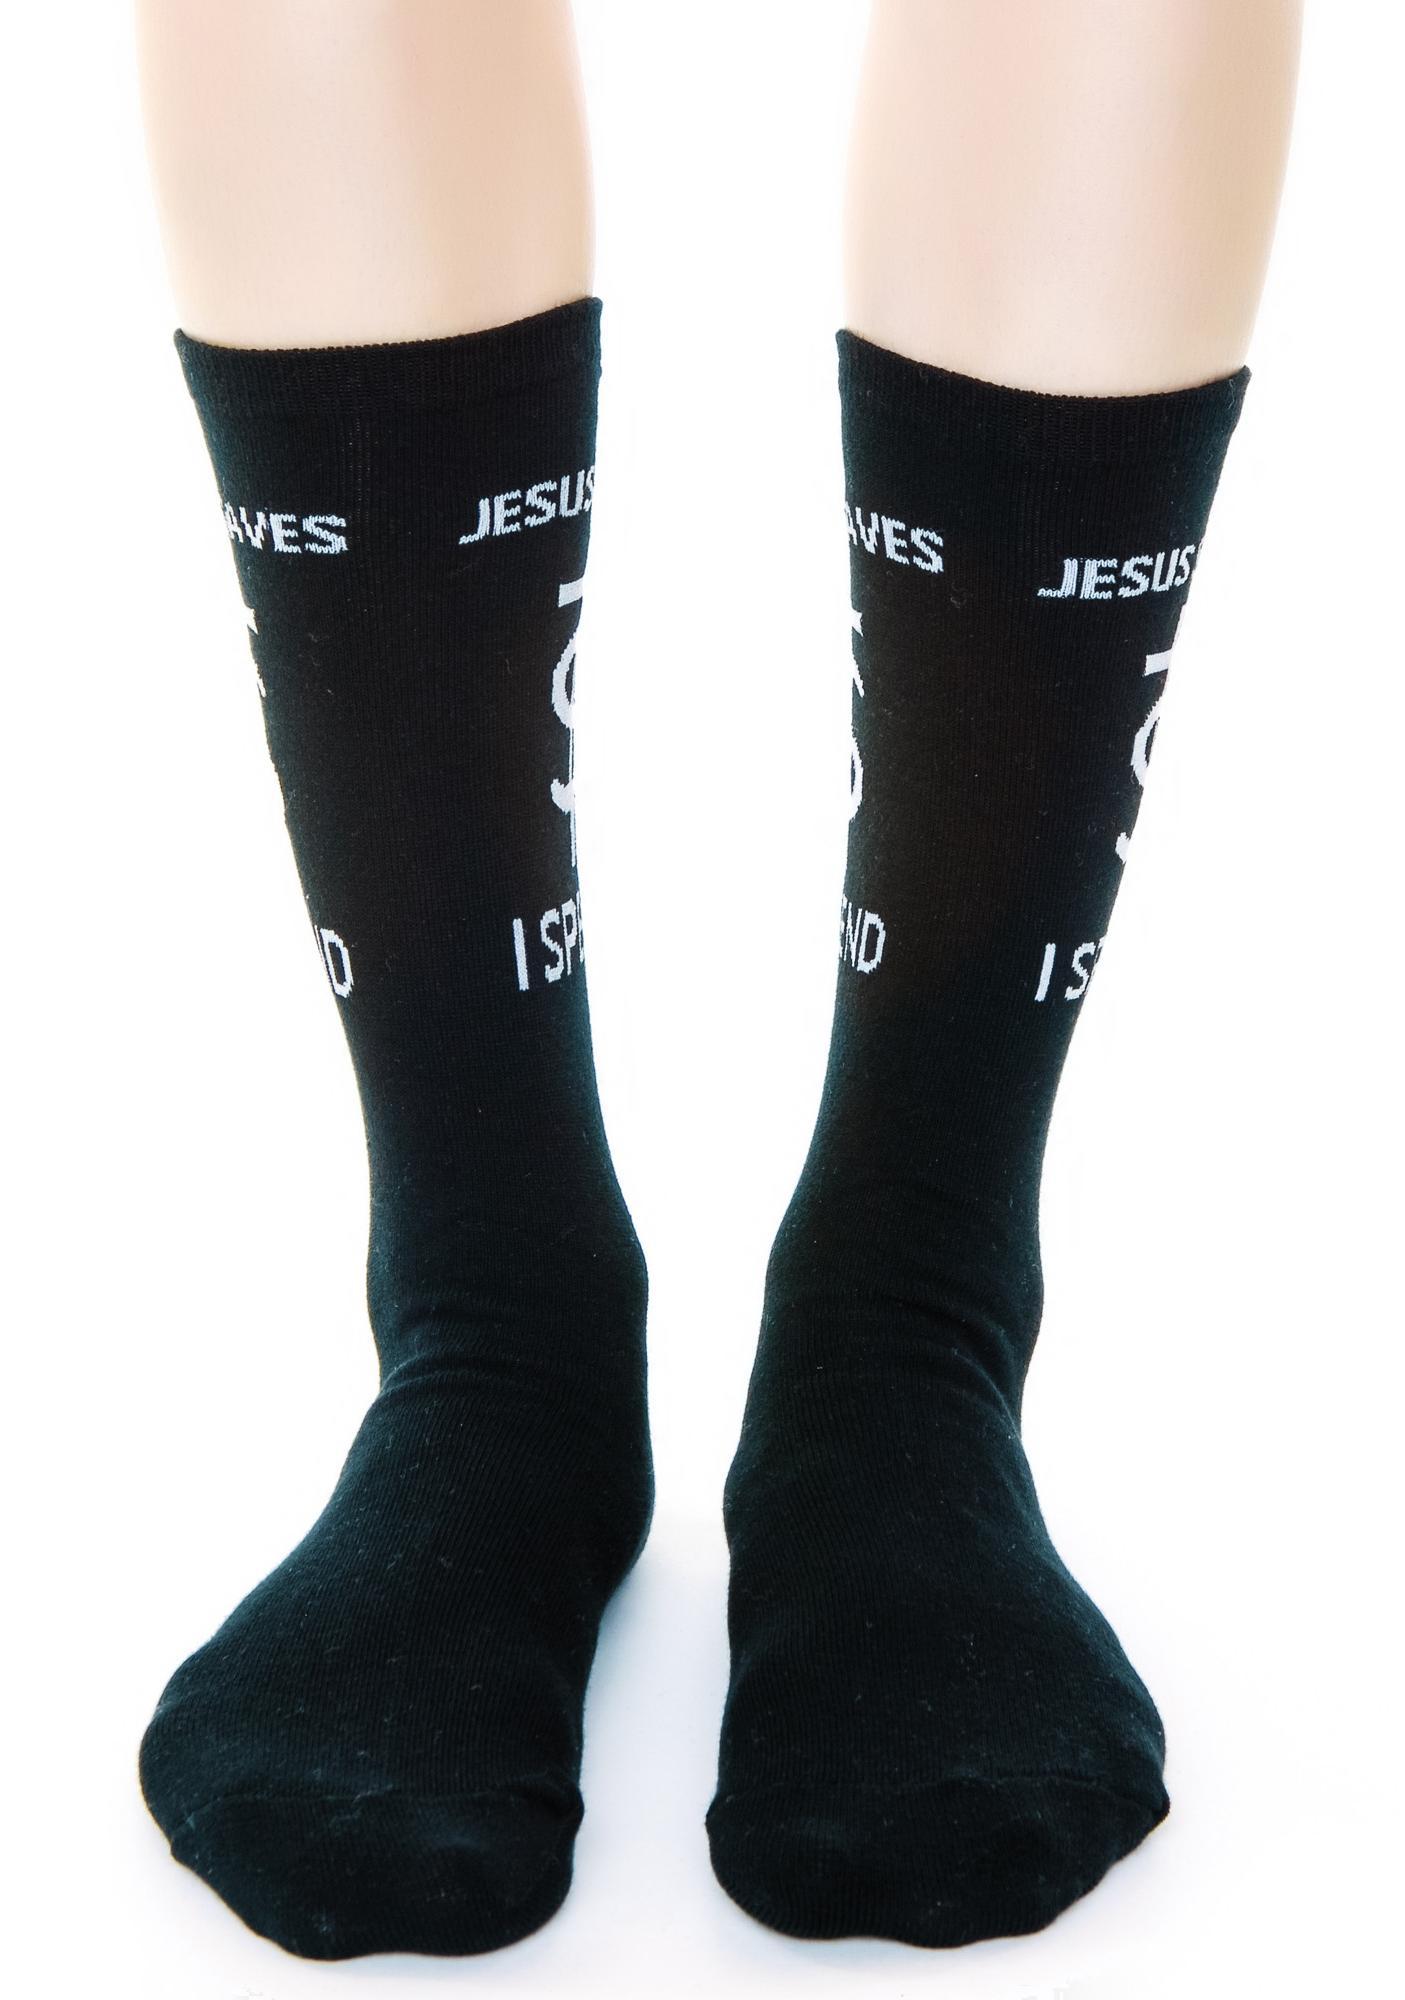 UNIF Jsis Socks